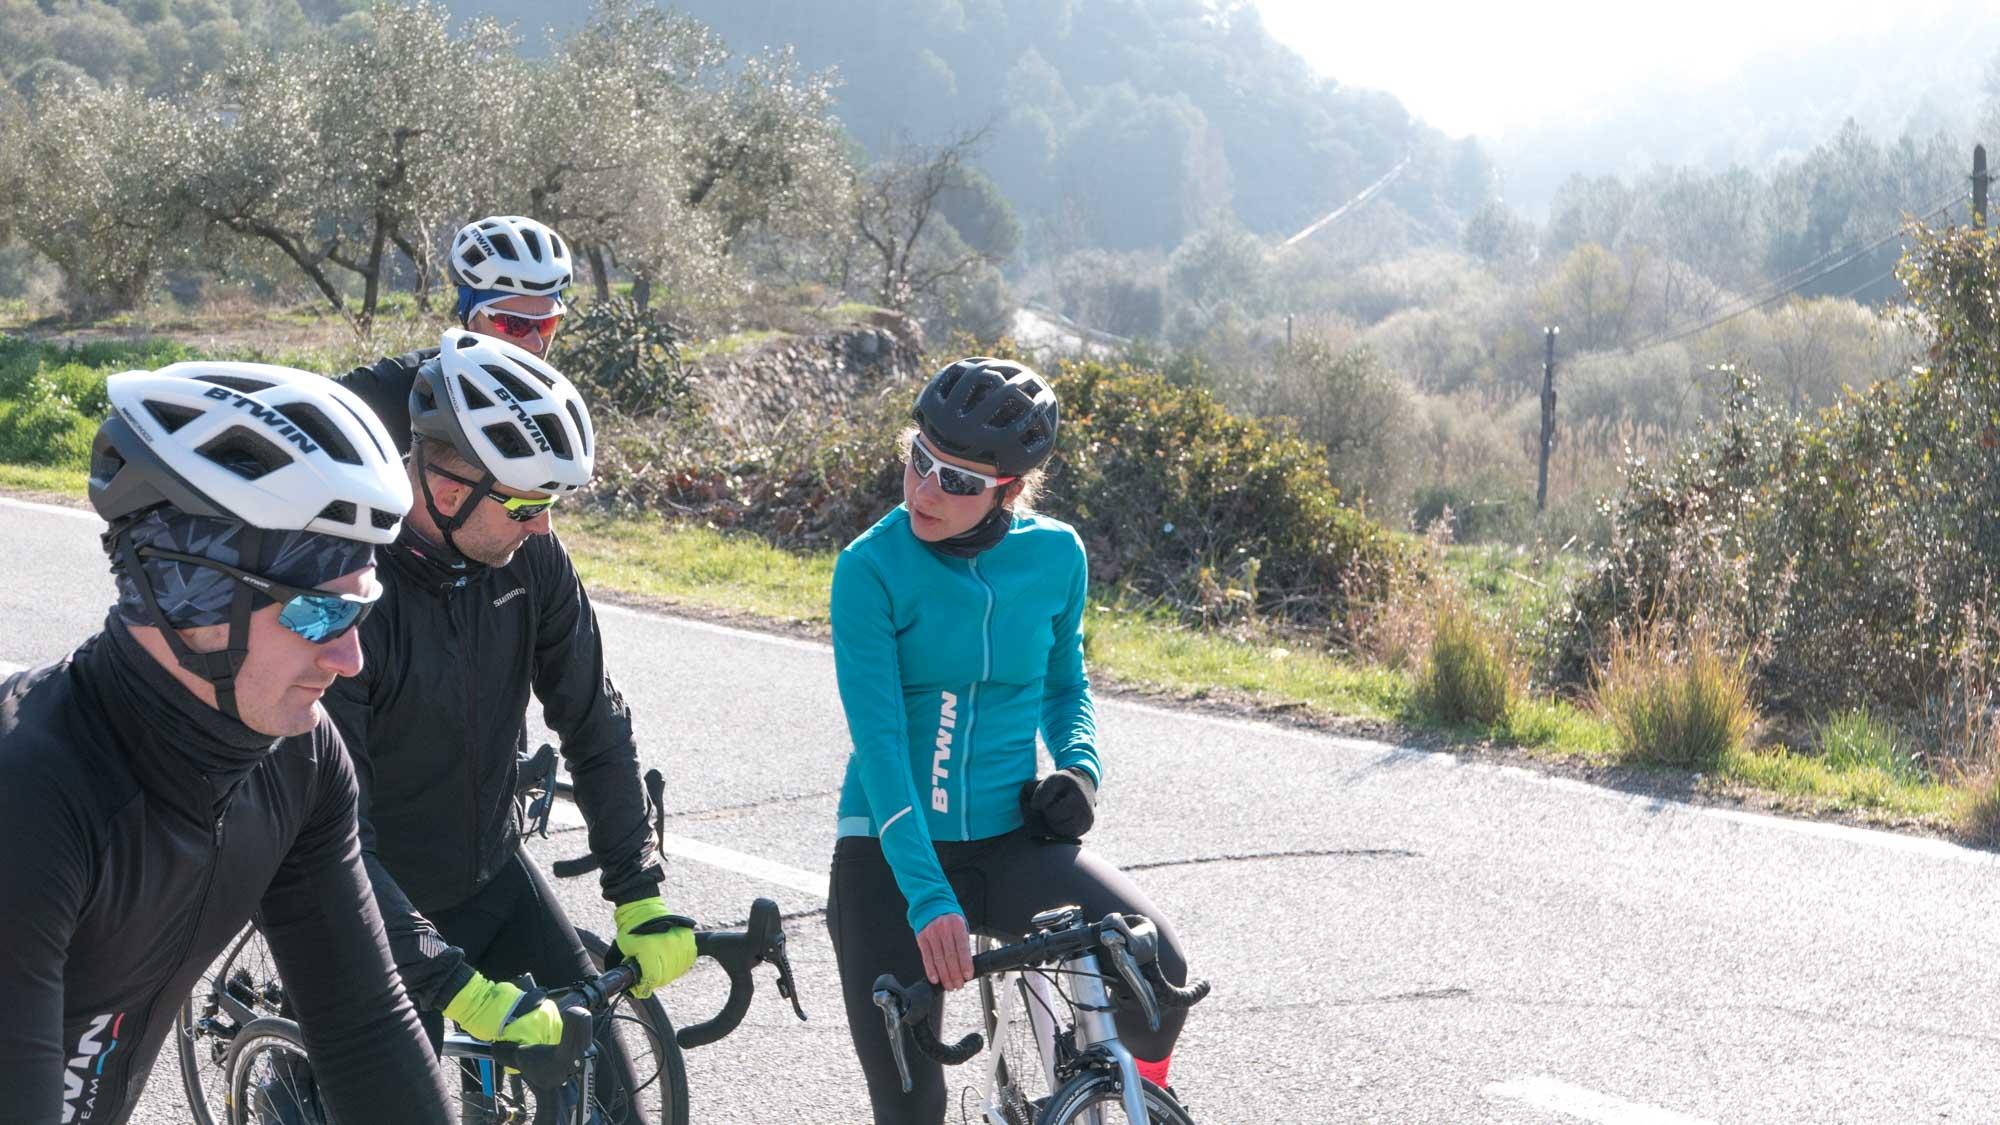 Szosa Z Decathlonu Czyli Hiszpański Press Camp I Btwin Hop Cycling